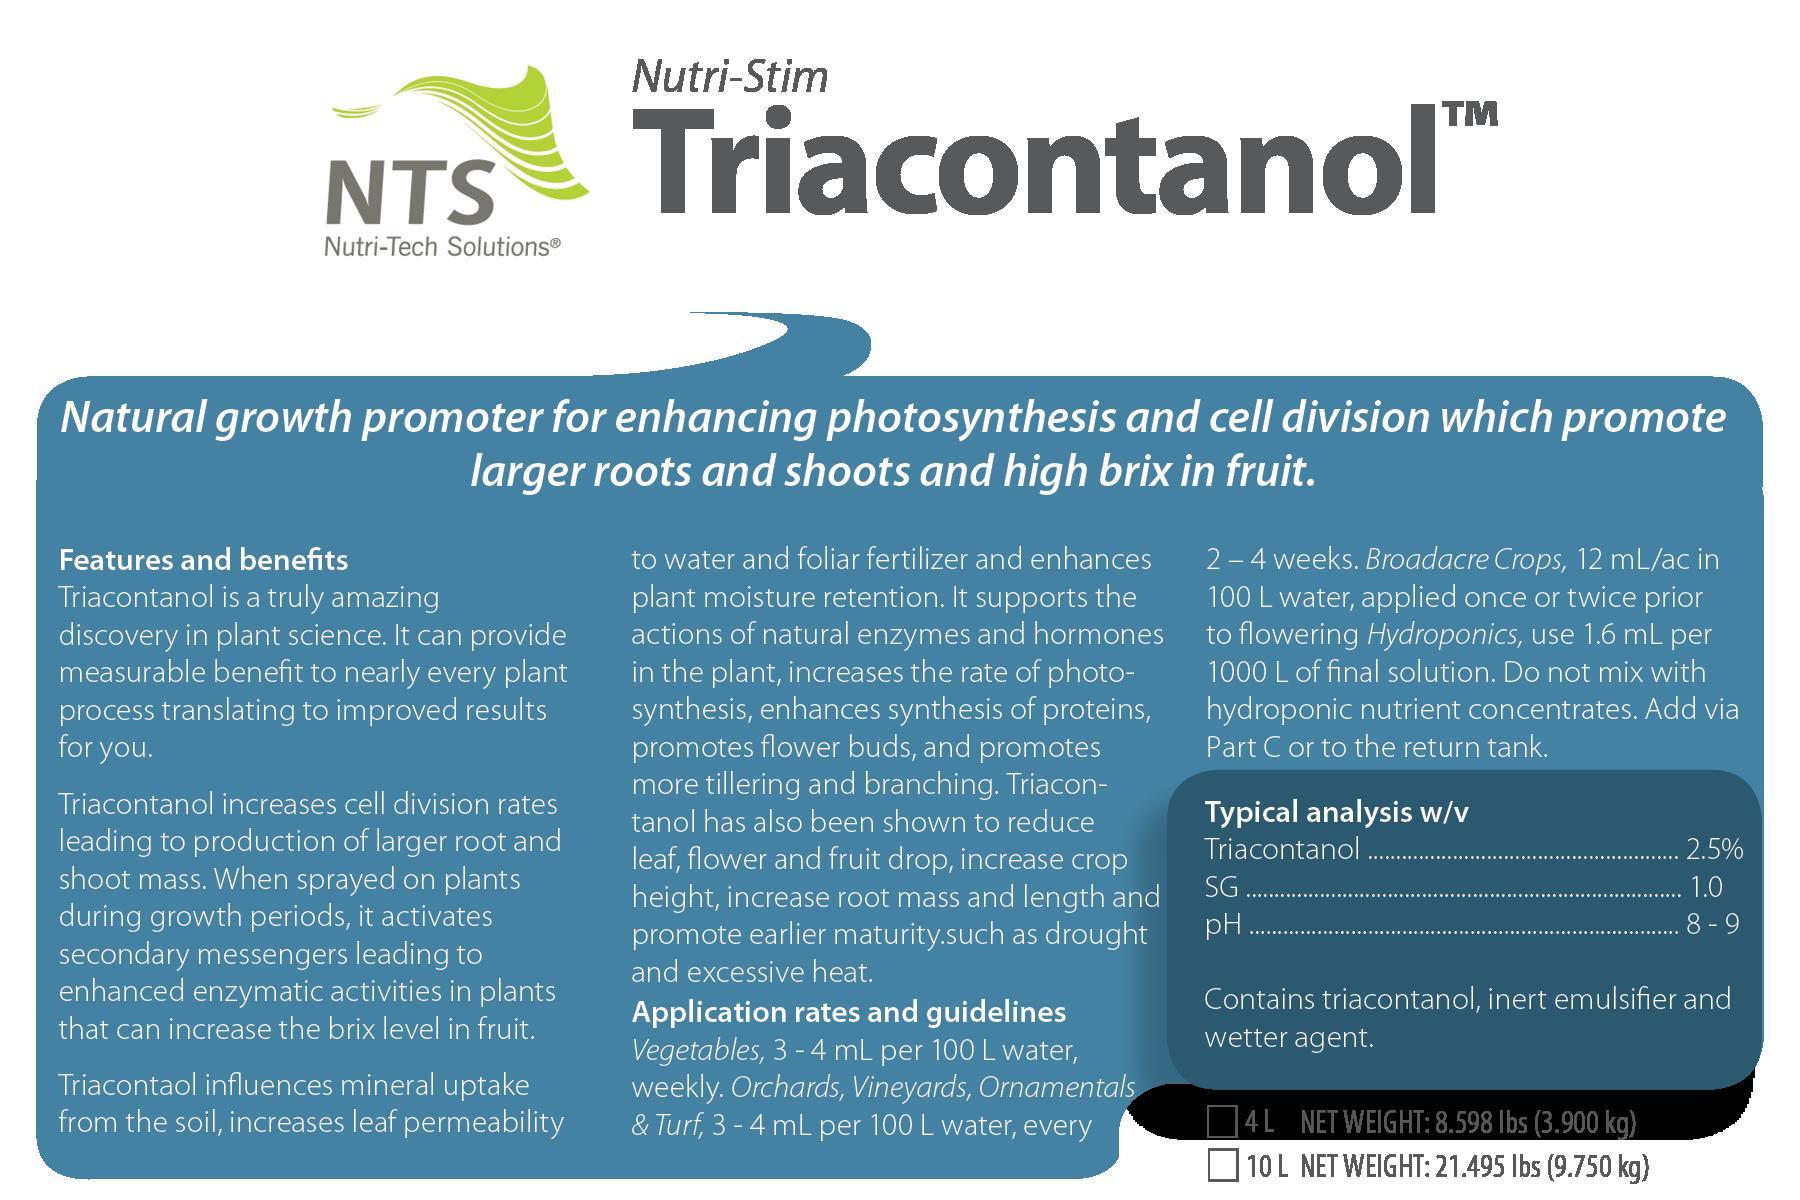 Nutri-Stim™ Triacontanol